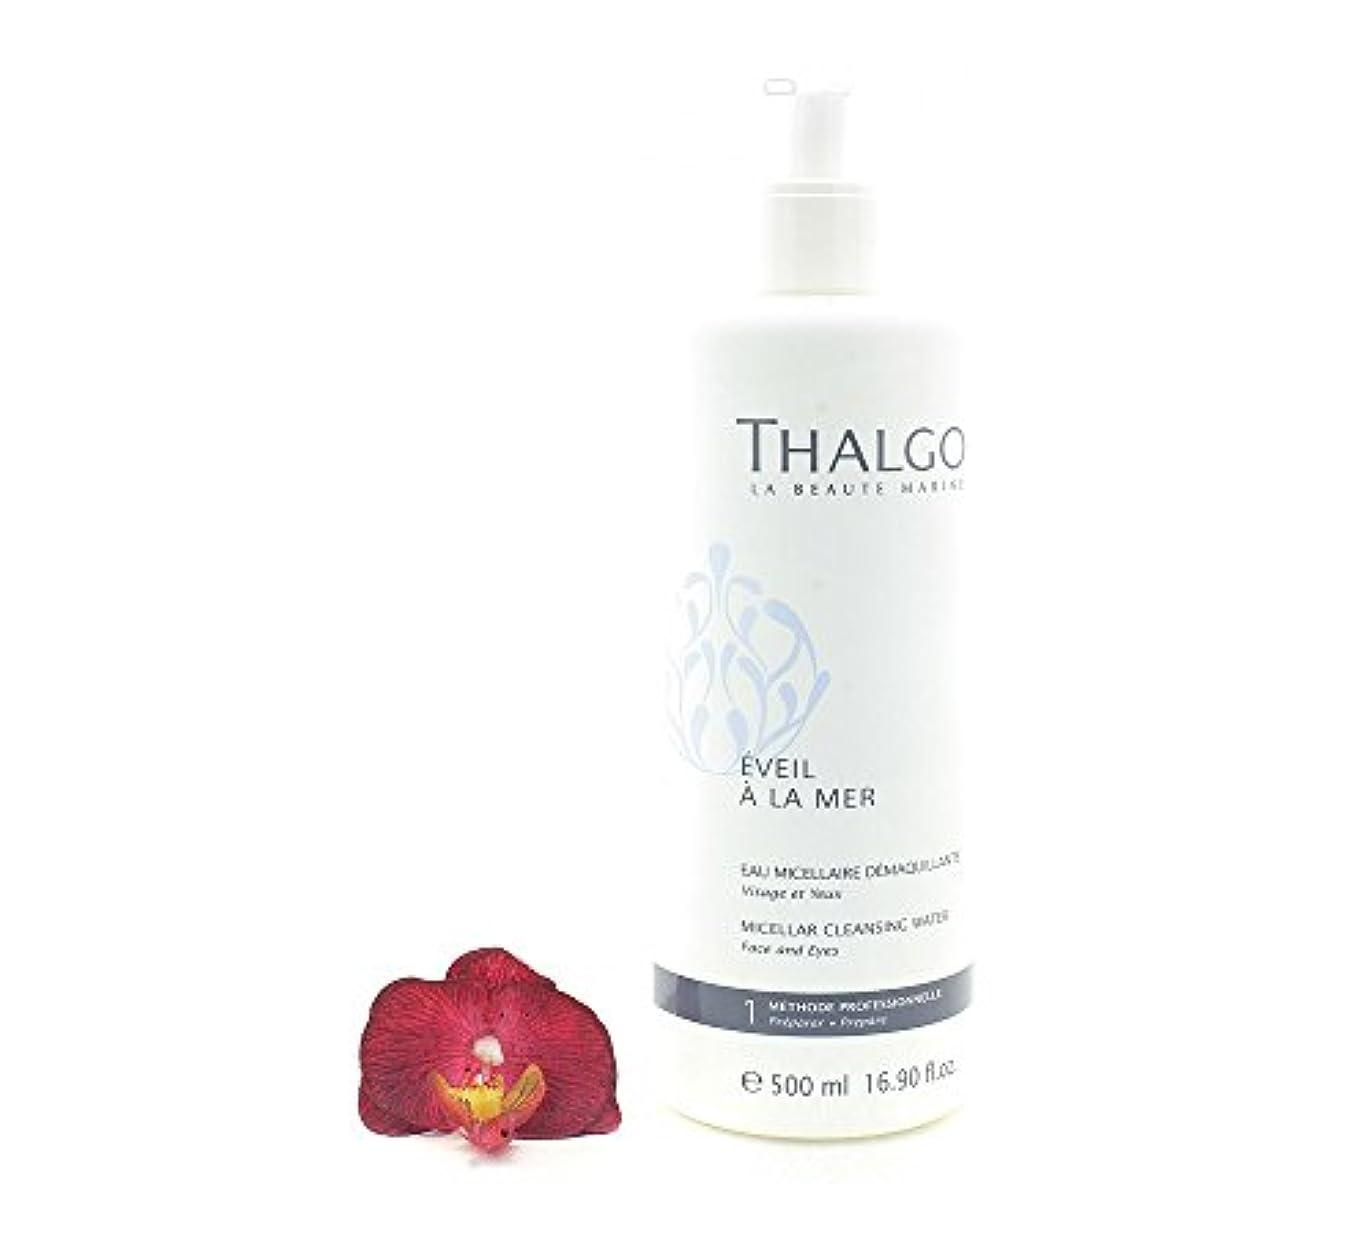 団結する刈り取るシリンダータルゴ Eveil A La Mer Micellar Cleansing Water (Face & Eyes) - For All Skin Types, Even Sensitive Skin (Salon Size...